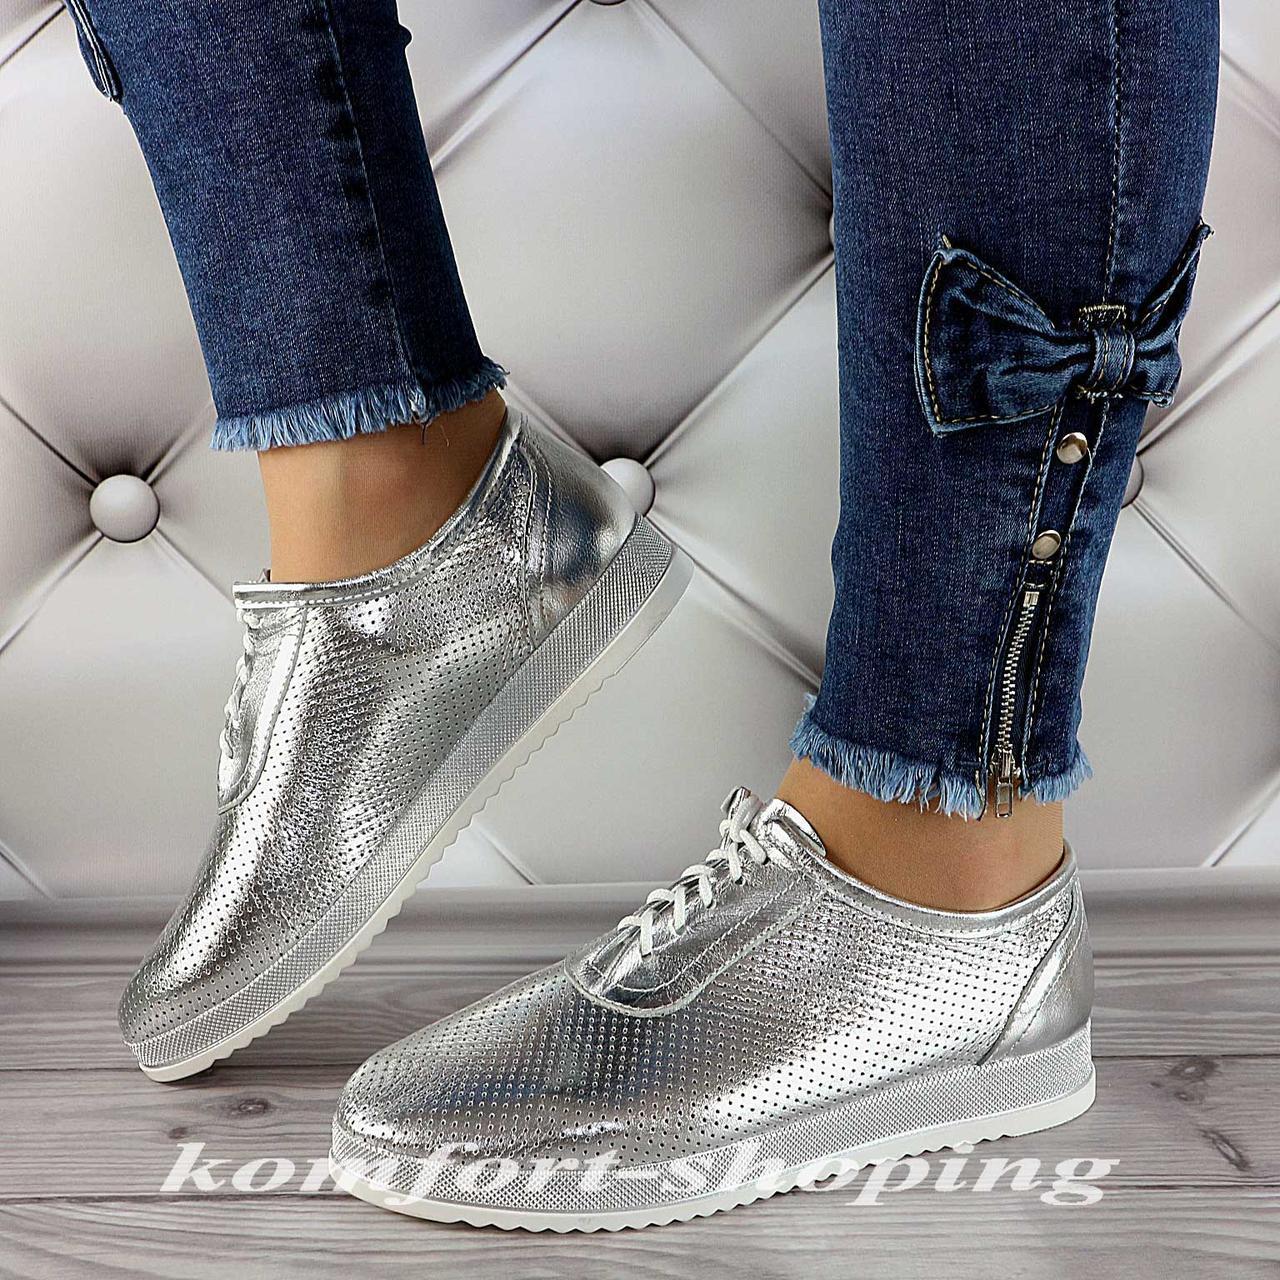 Туфли  женские кожаные серебряные на шнуровке  V 1252